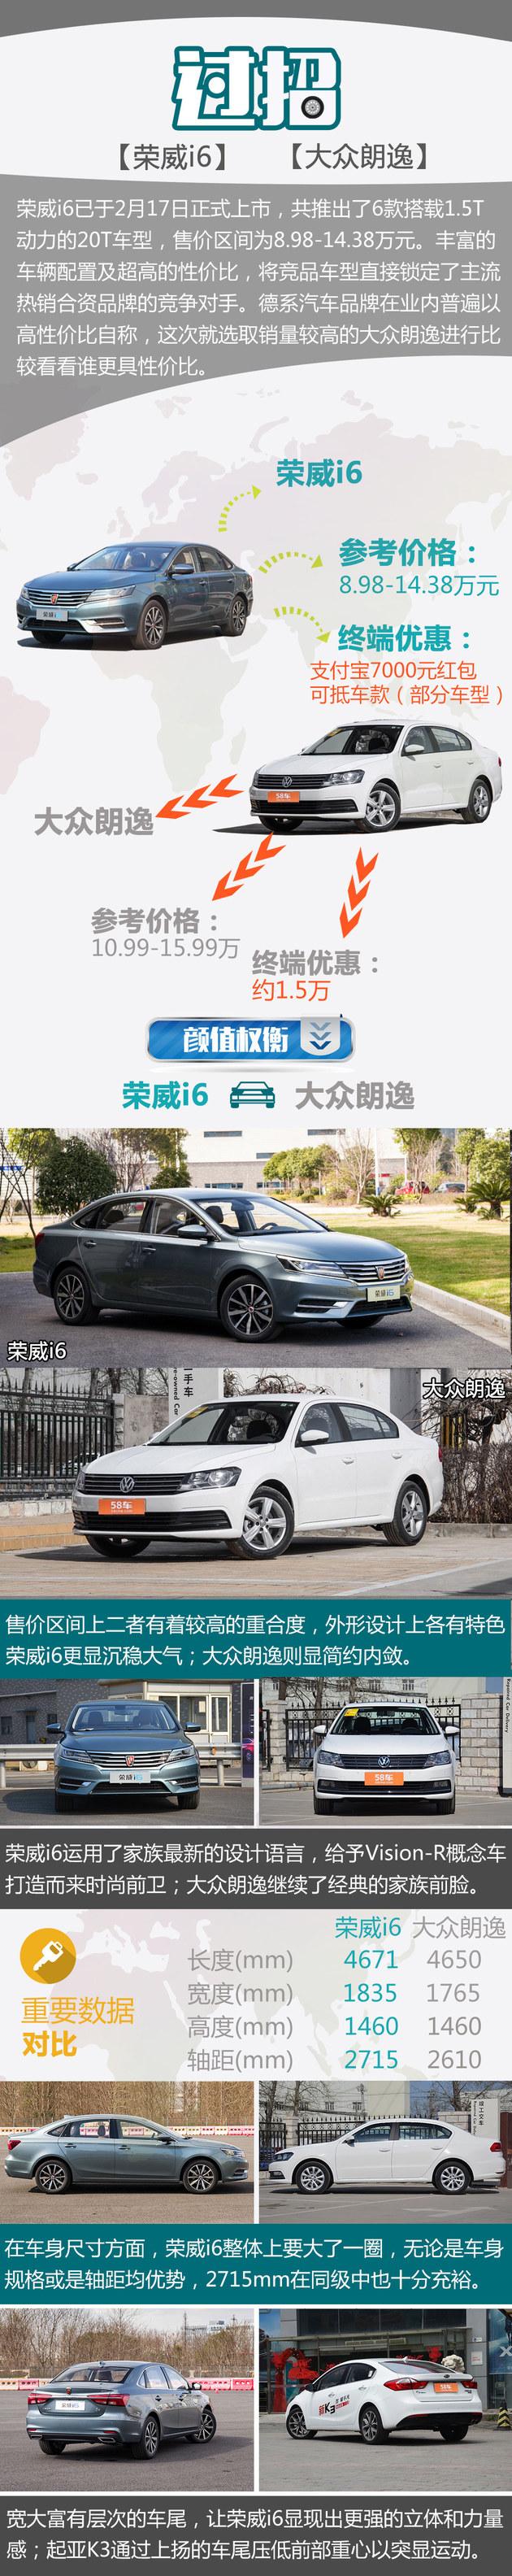 荣威i6过招大众朗逸 高品质车型如何选